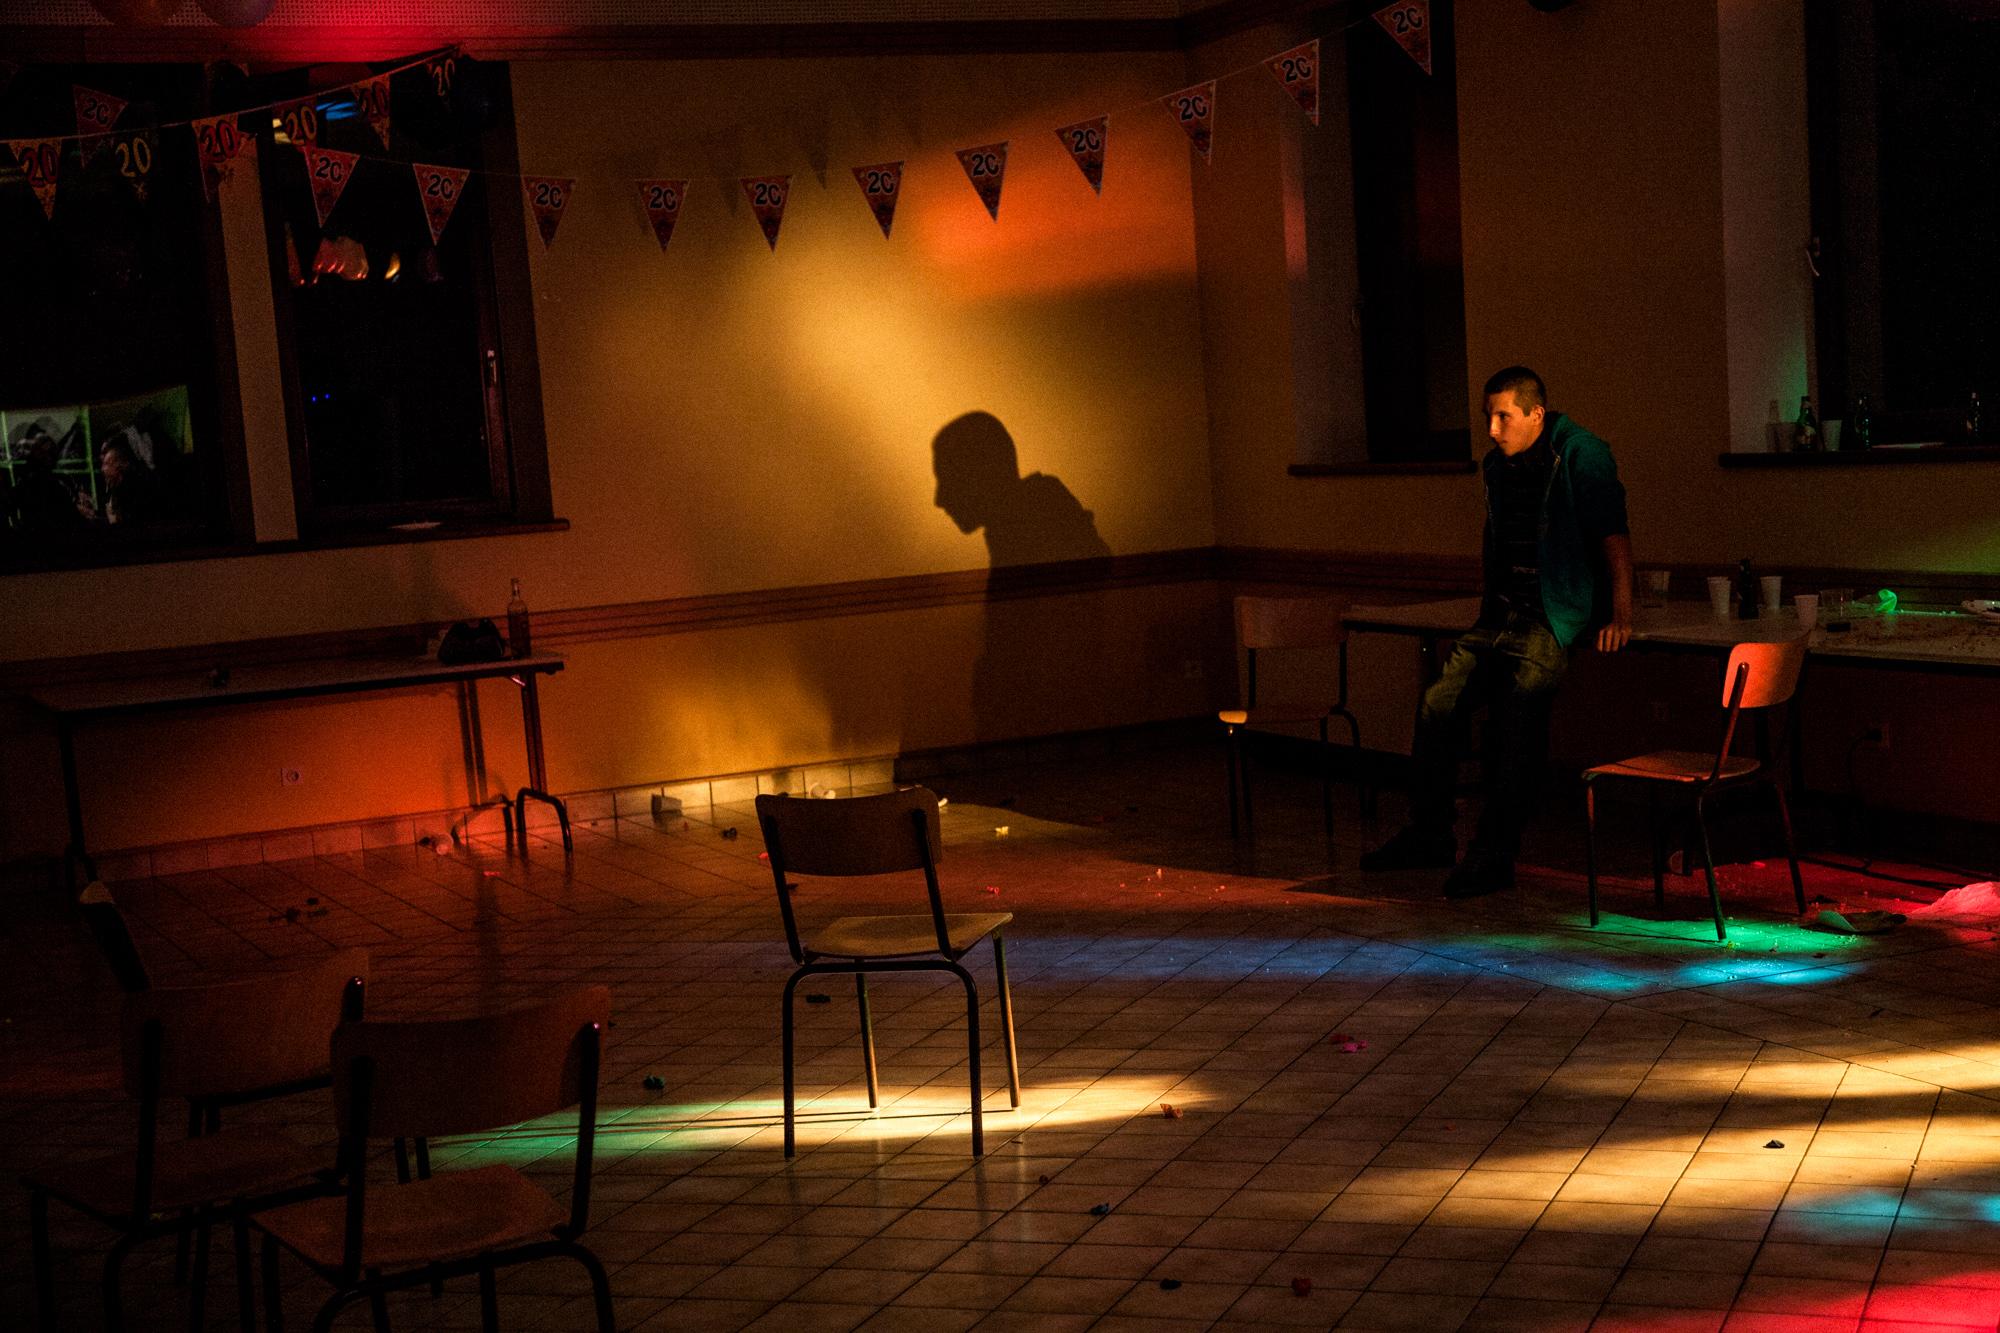 17 Octobre 2010. Salle des fêtes d'Herpelmont. Commencée avec les anciens, la fête des 20 ans de David s'est poursuivie entre jeunes. Il est tard maintenant.  Extrait du projet webdocumentaire   Les Pieds dans la France  , co-réalisé avec Stéphane Doulé et Camille Millerand.